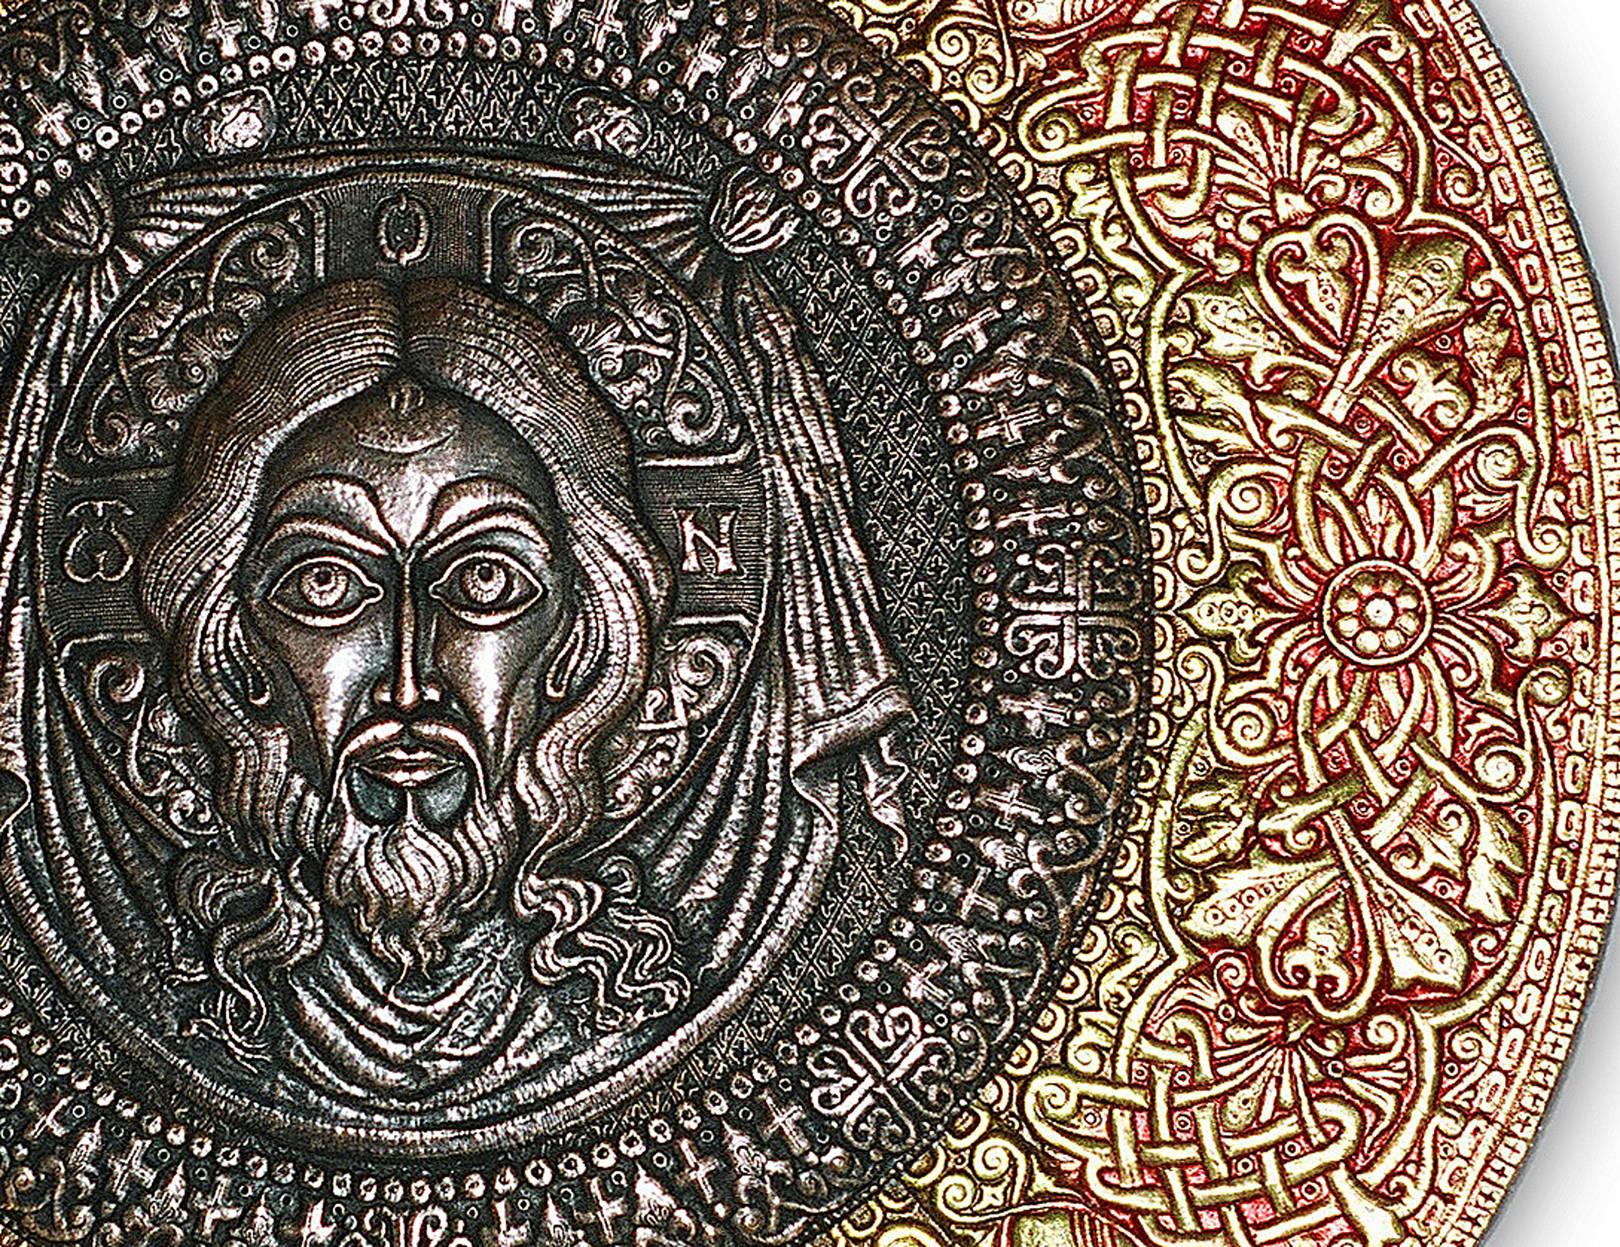 Спас Нерукотворный (фрагмент панно-рондо) 2007 г. Медь, анодированный алюминий; чернение, холодная эмаль. Дм. 100 см